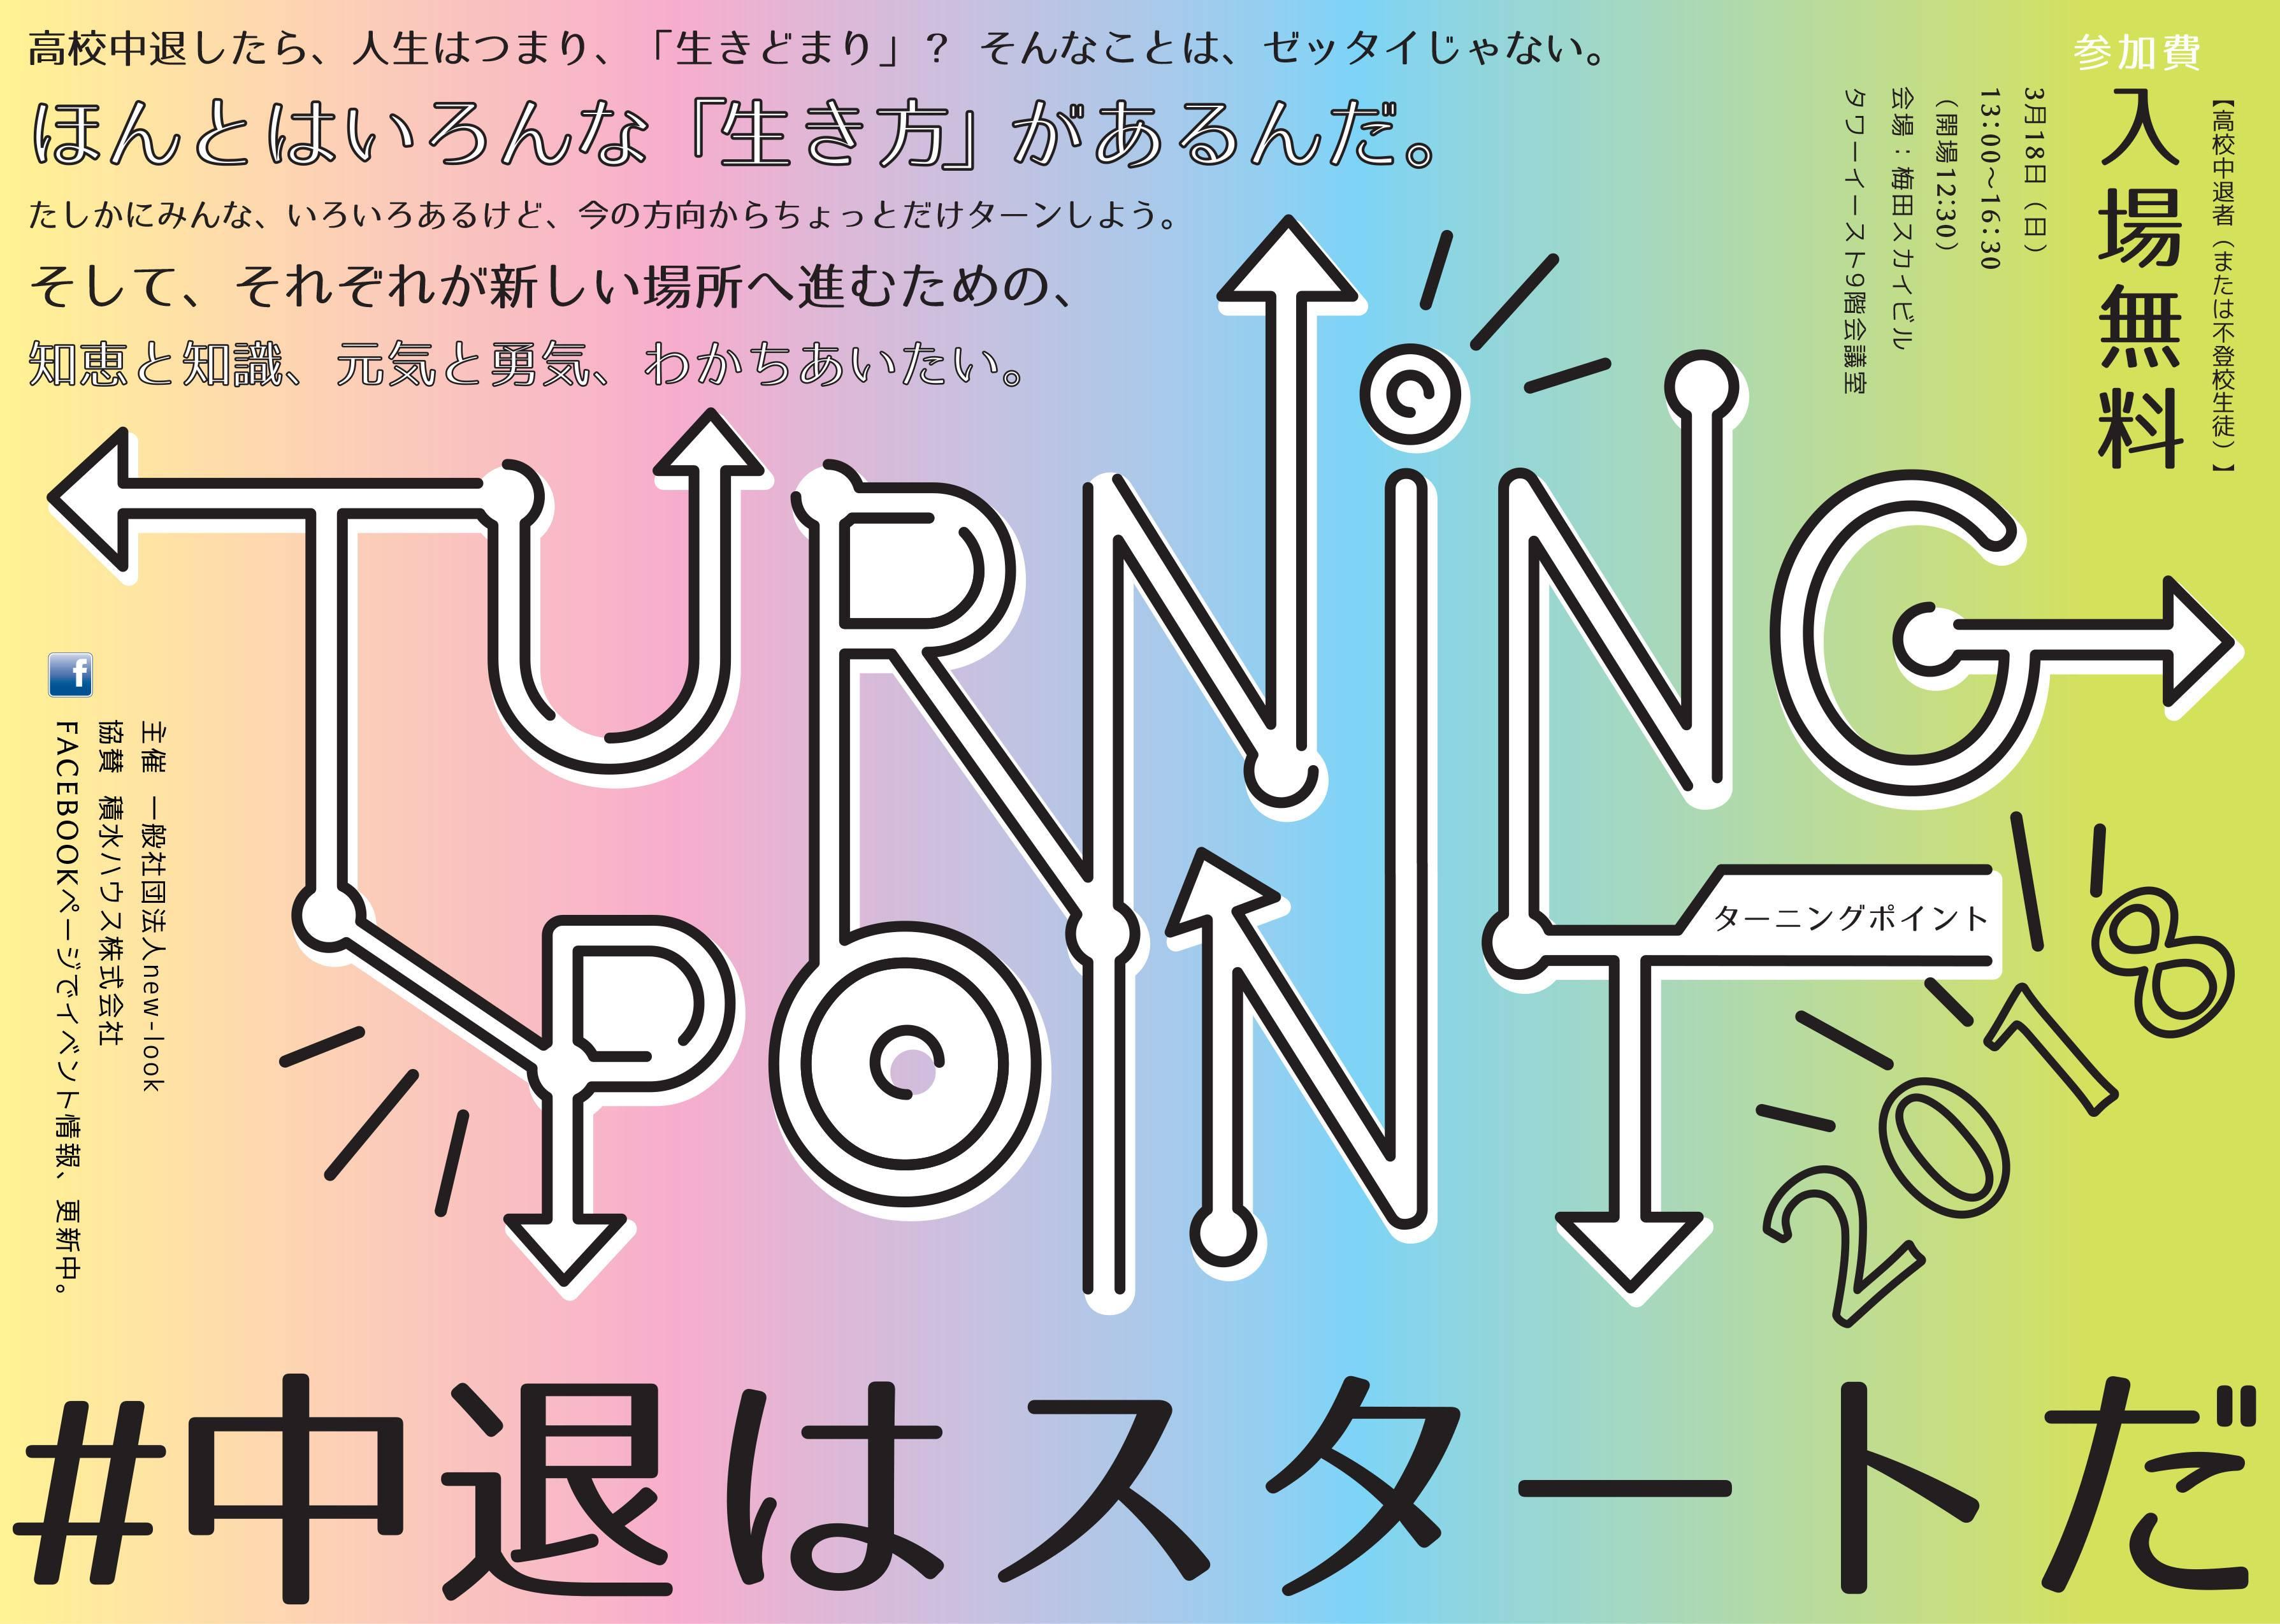 【イベント】3月18日(日)に大阪梅田で開催!当事者と保護者で高校中退を見つめなおすイベント「turning point 2018」